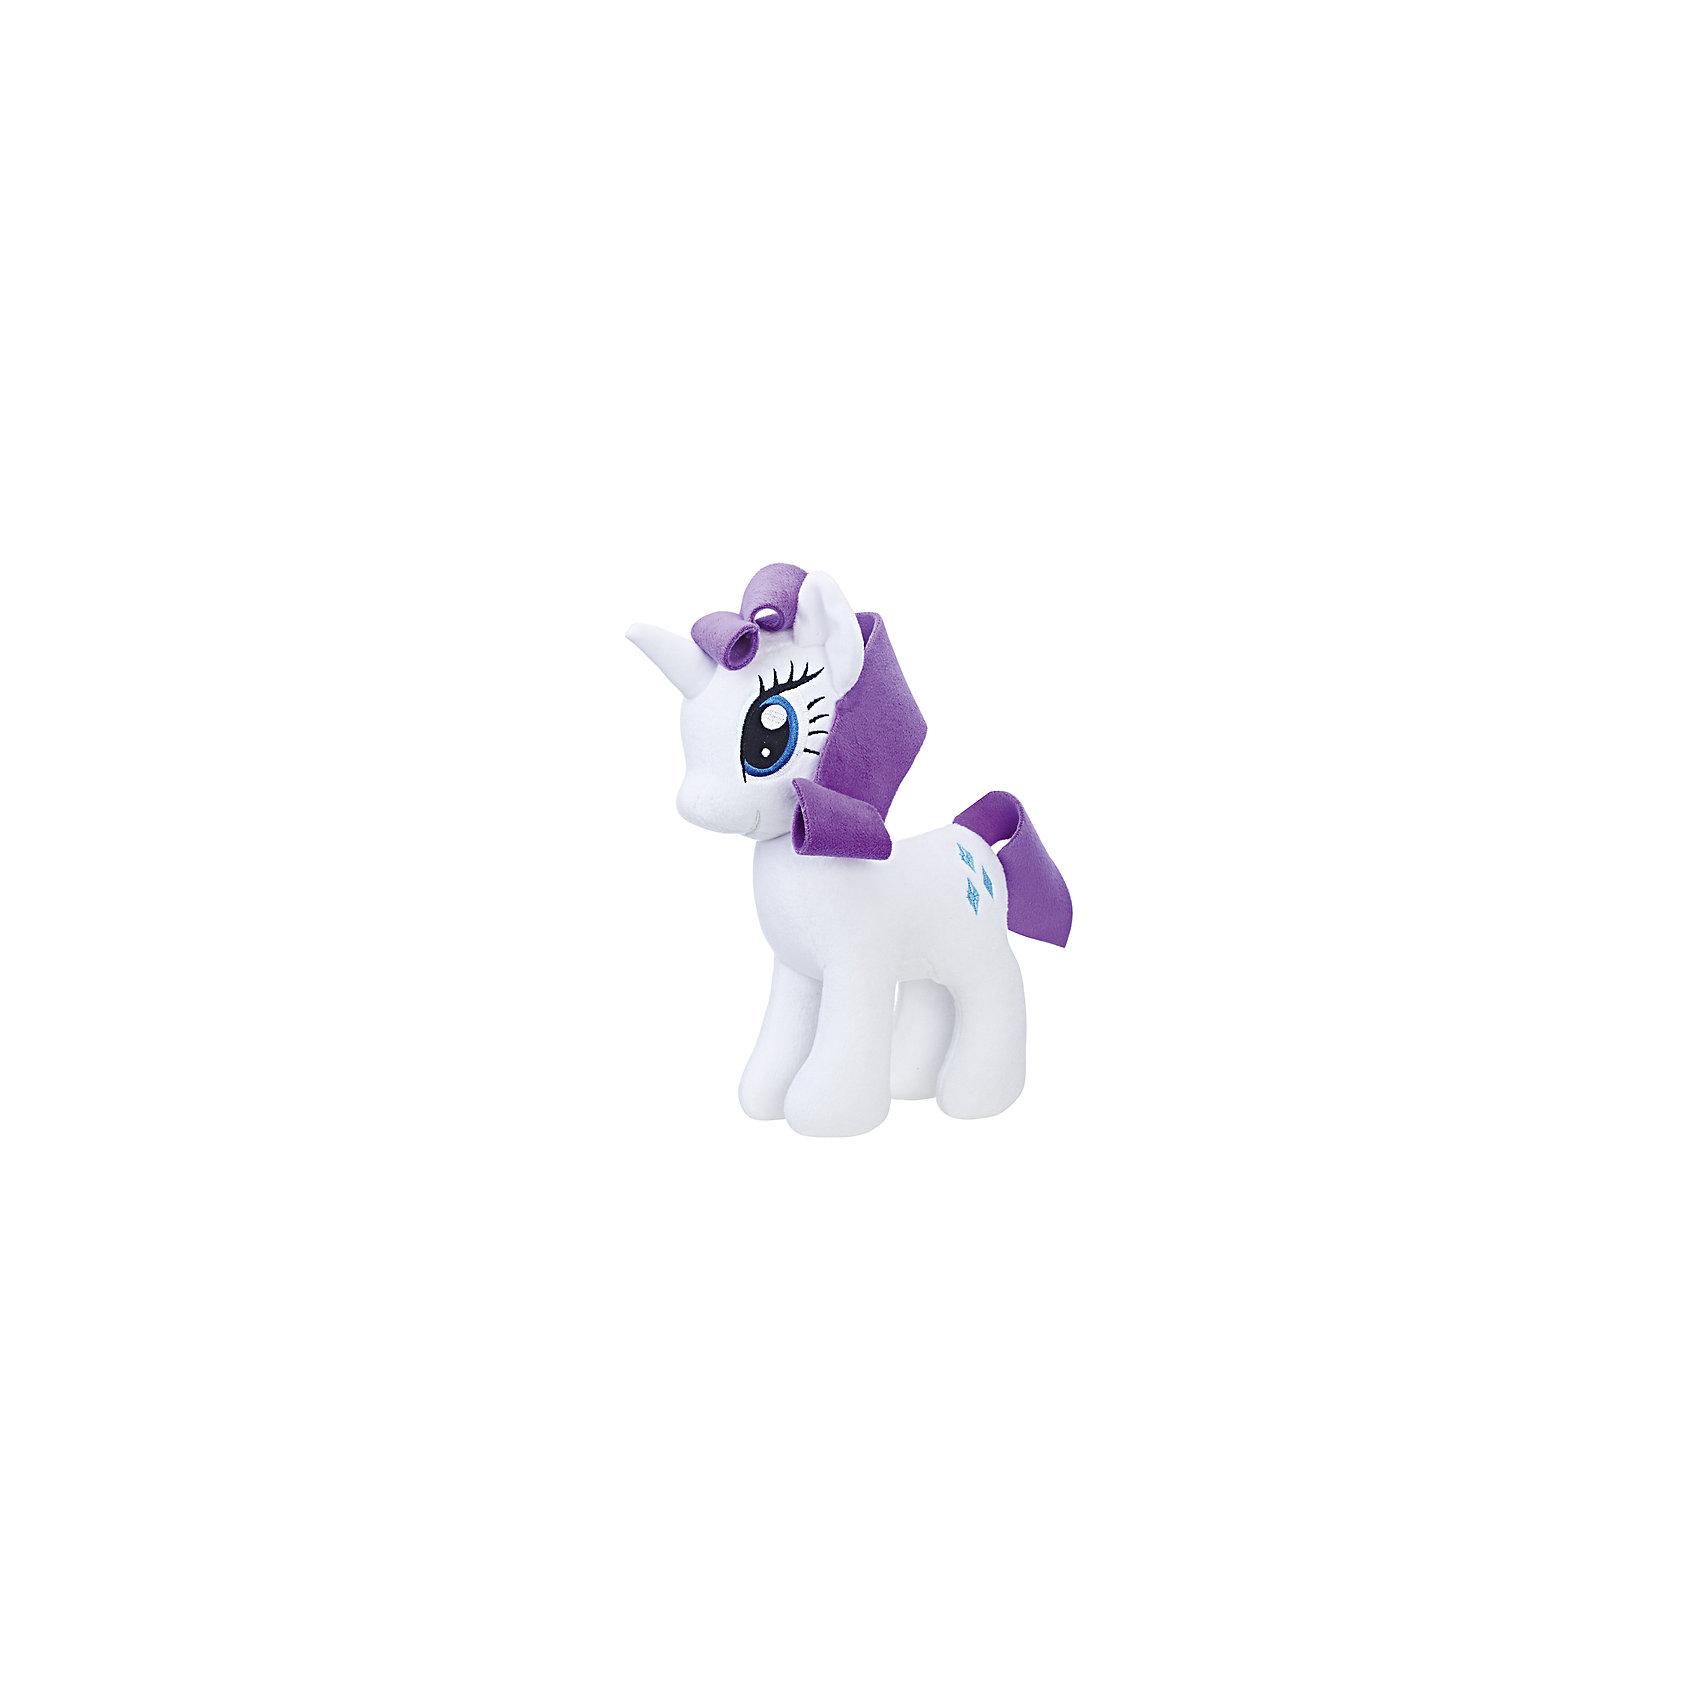 Мягкая игрушка Hasbro My little Pony Плюшевые пони, РаритиМягкие игрушки из мультфильмов<br><br><br>Ширина мм: 80<br>Глубина мм: 160<br>Высота мм: 240<br>Вес г: 186<br>Возраст от месяцев: 36<br>Возраст до месяцев: 2147483647<br>Пол: Женский<br>Возраст: Детский<br>SKU: 7137779